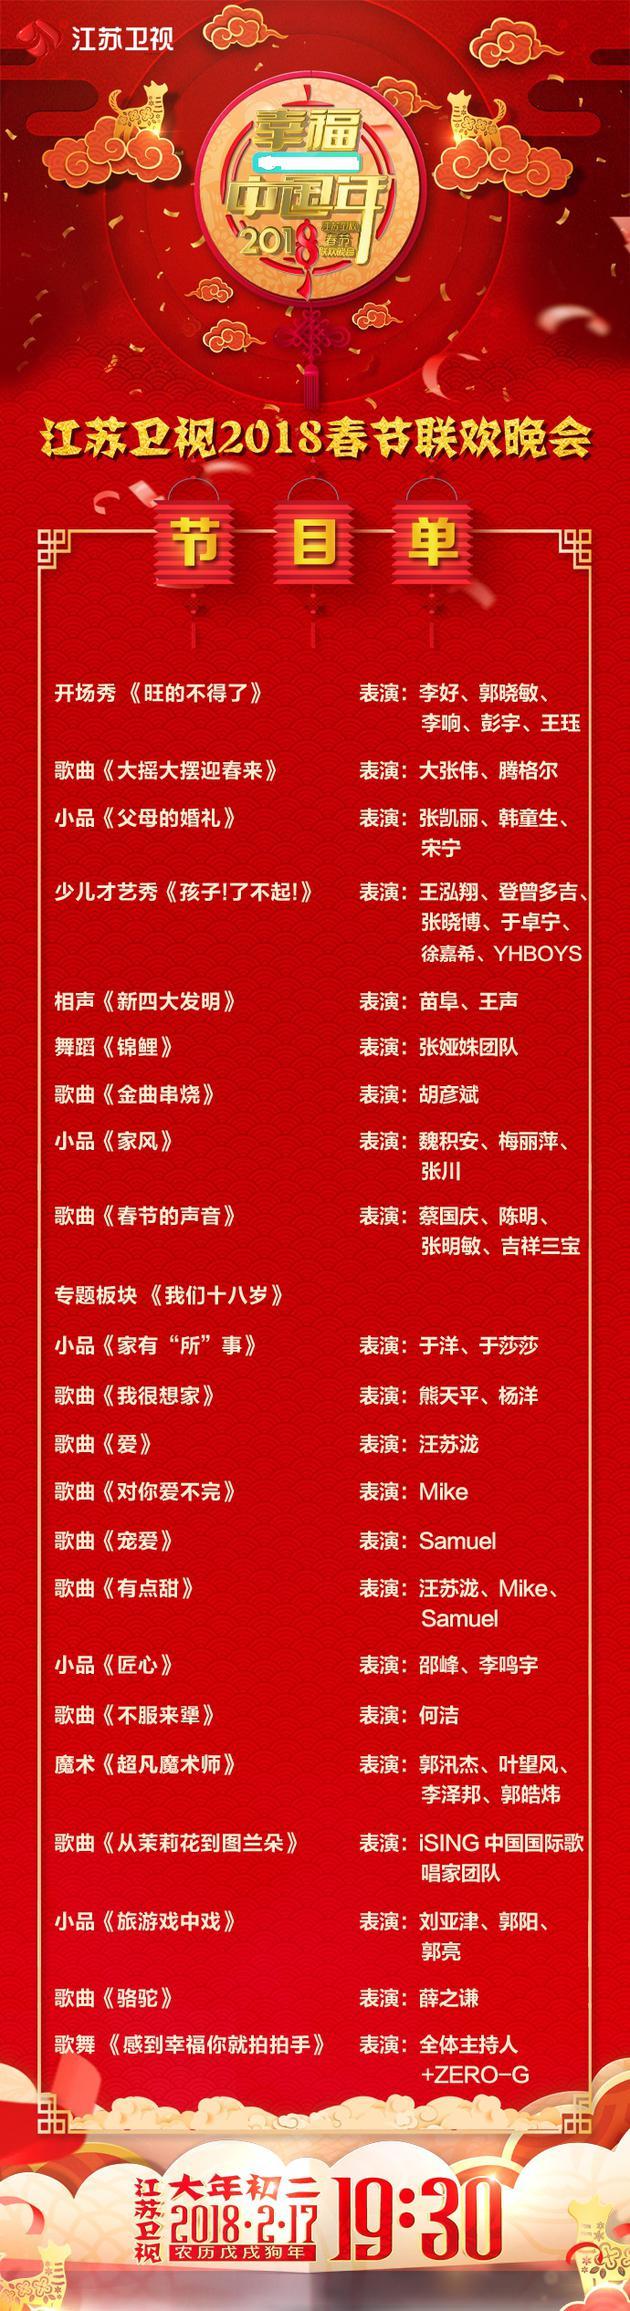 """(注:請附江蘇衛視2018""""幸福中國年""""春節聯歡晚會節目單)圖片"""